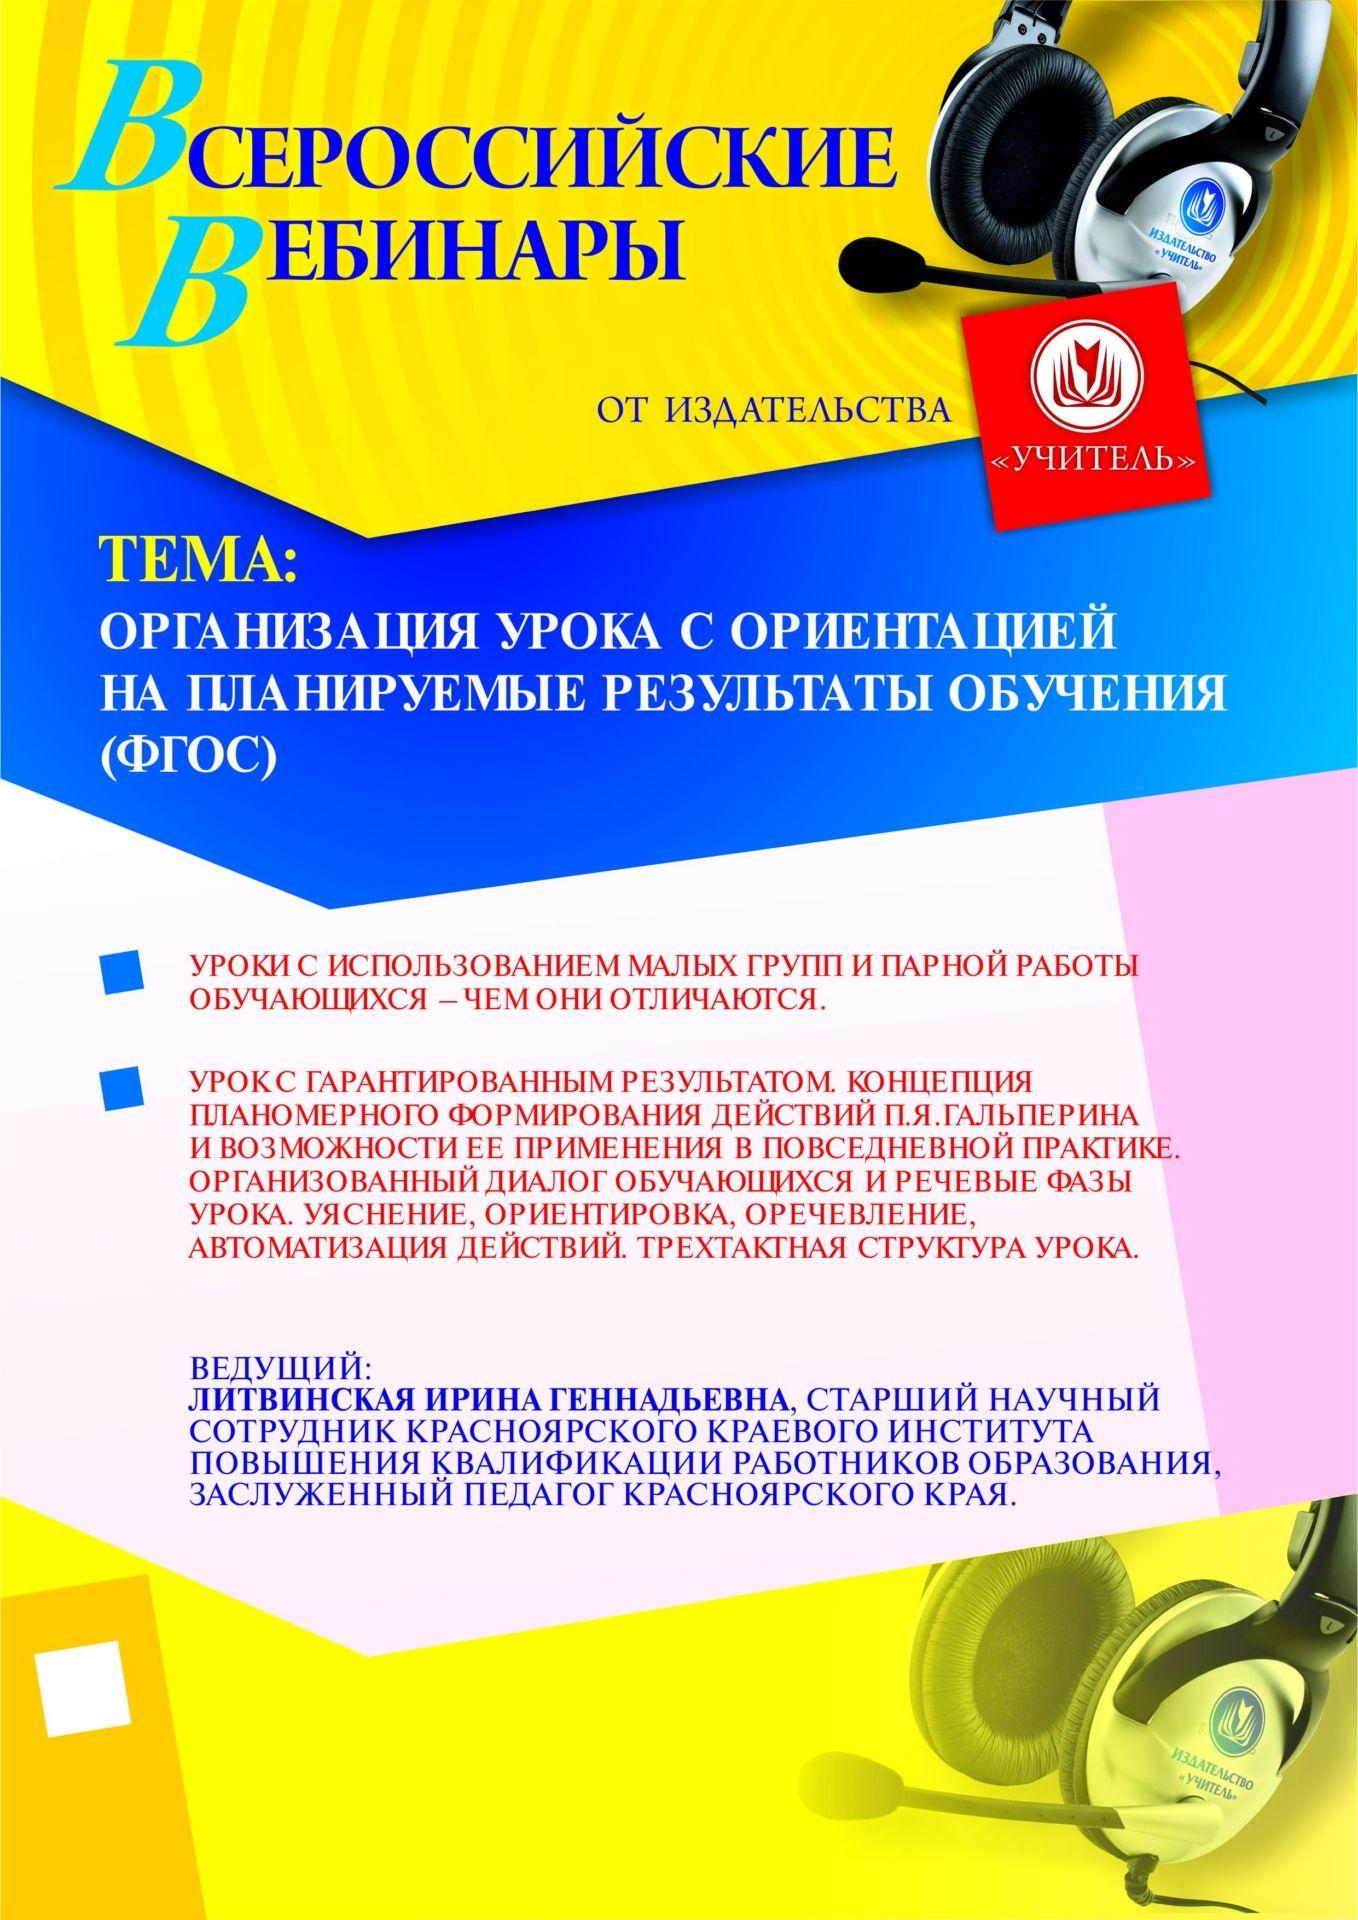 Организация урока с ориентацией на планируемые результаты обучения (ФГОС) фото